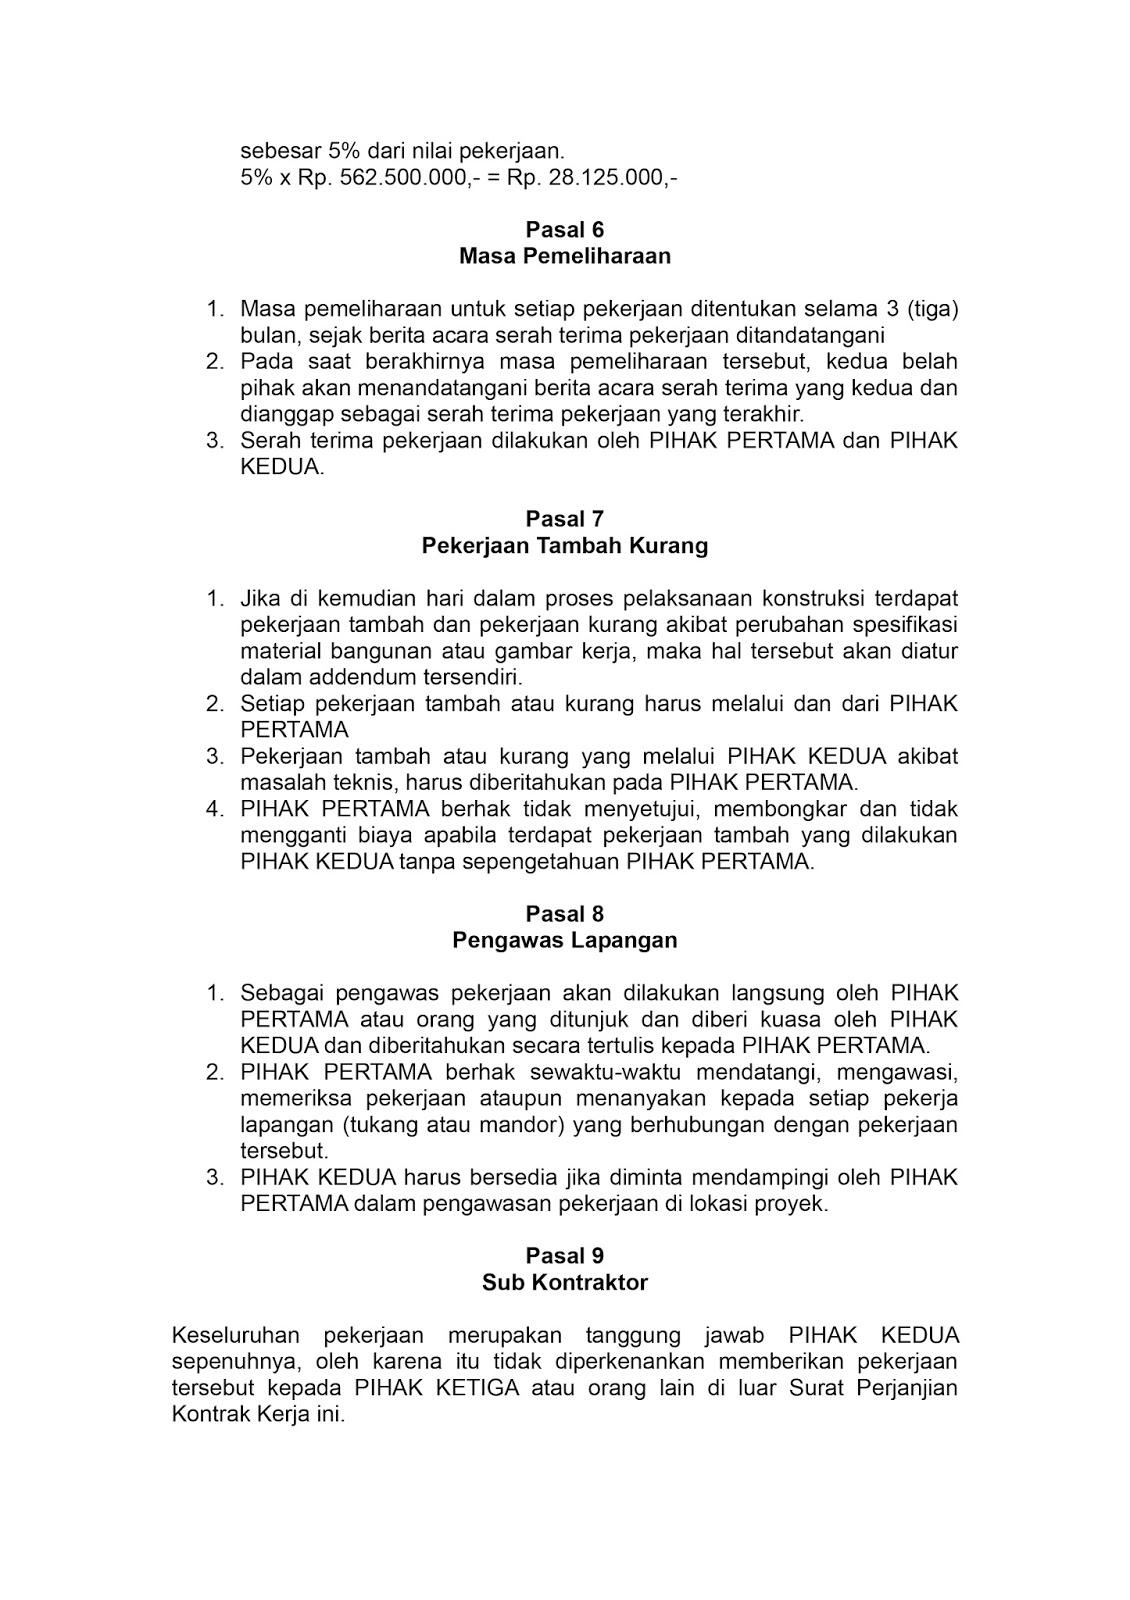 Analisa Kontrak Kerja | Bima Haryadi